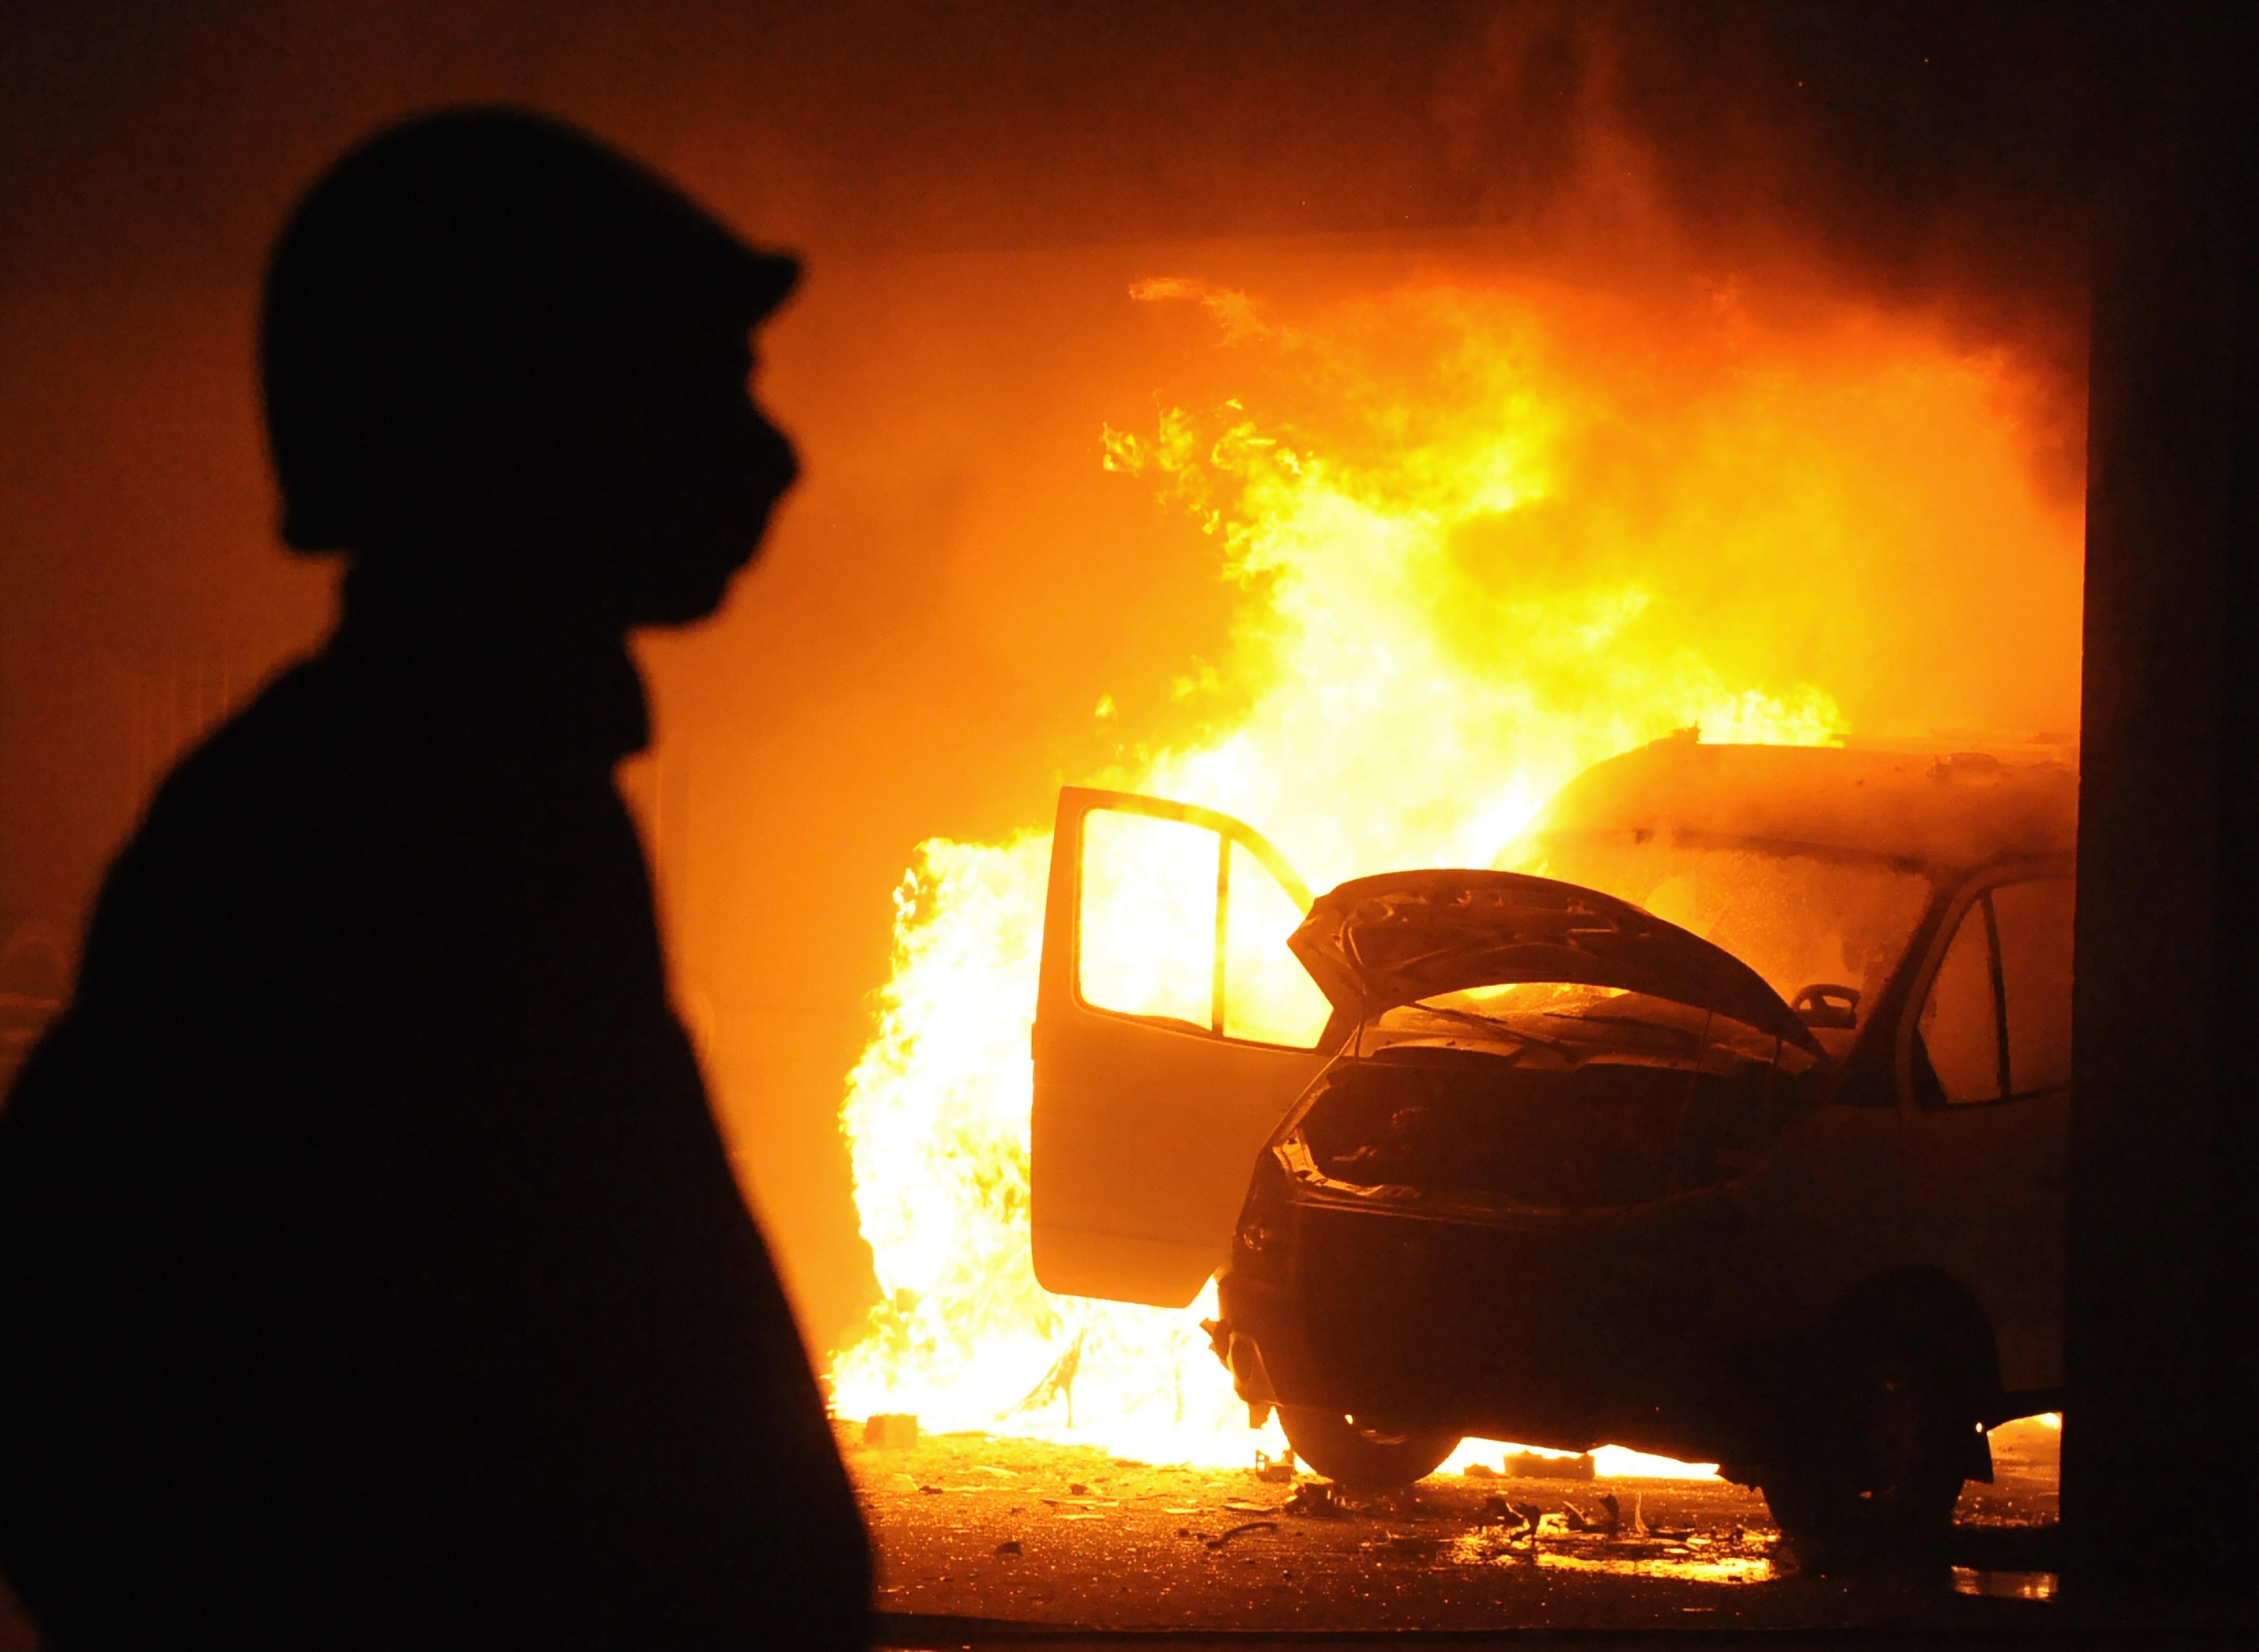 ▲▼示意圖,火災,消防員,車禍,火燒車,災,災難,天災,火。(圖/123RF)